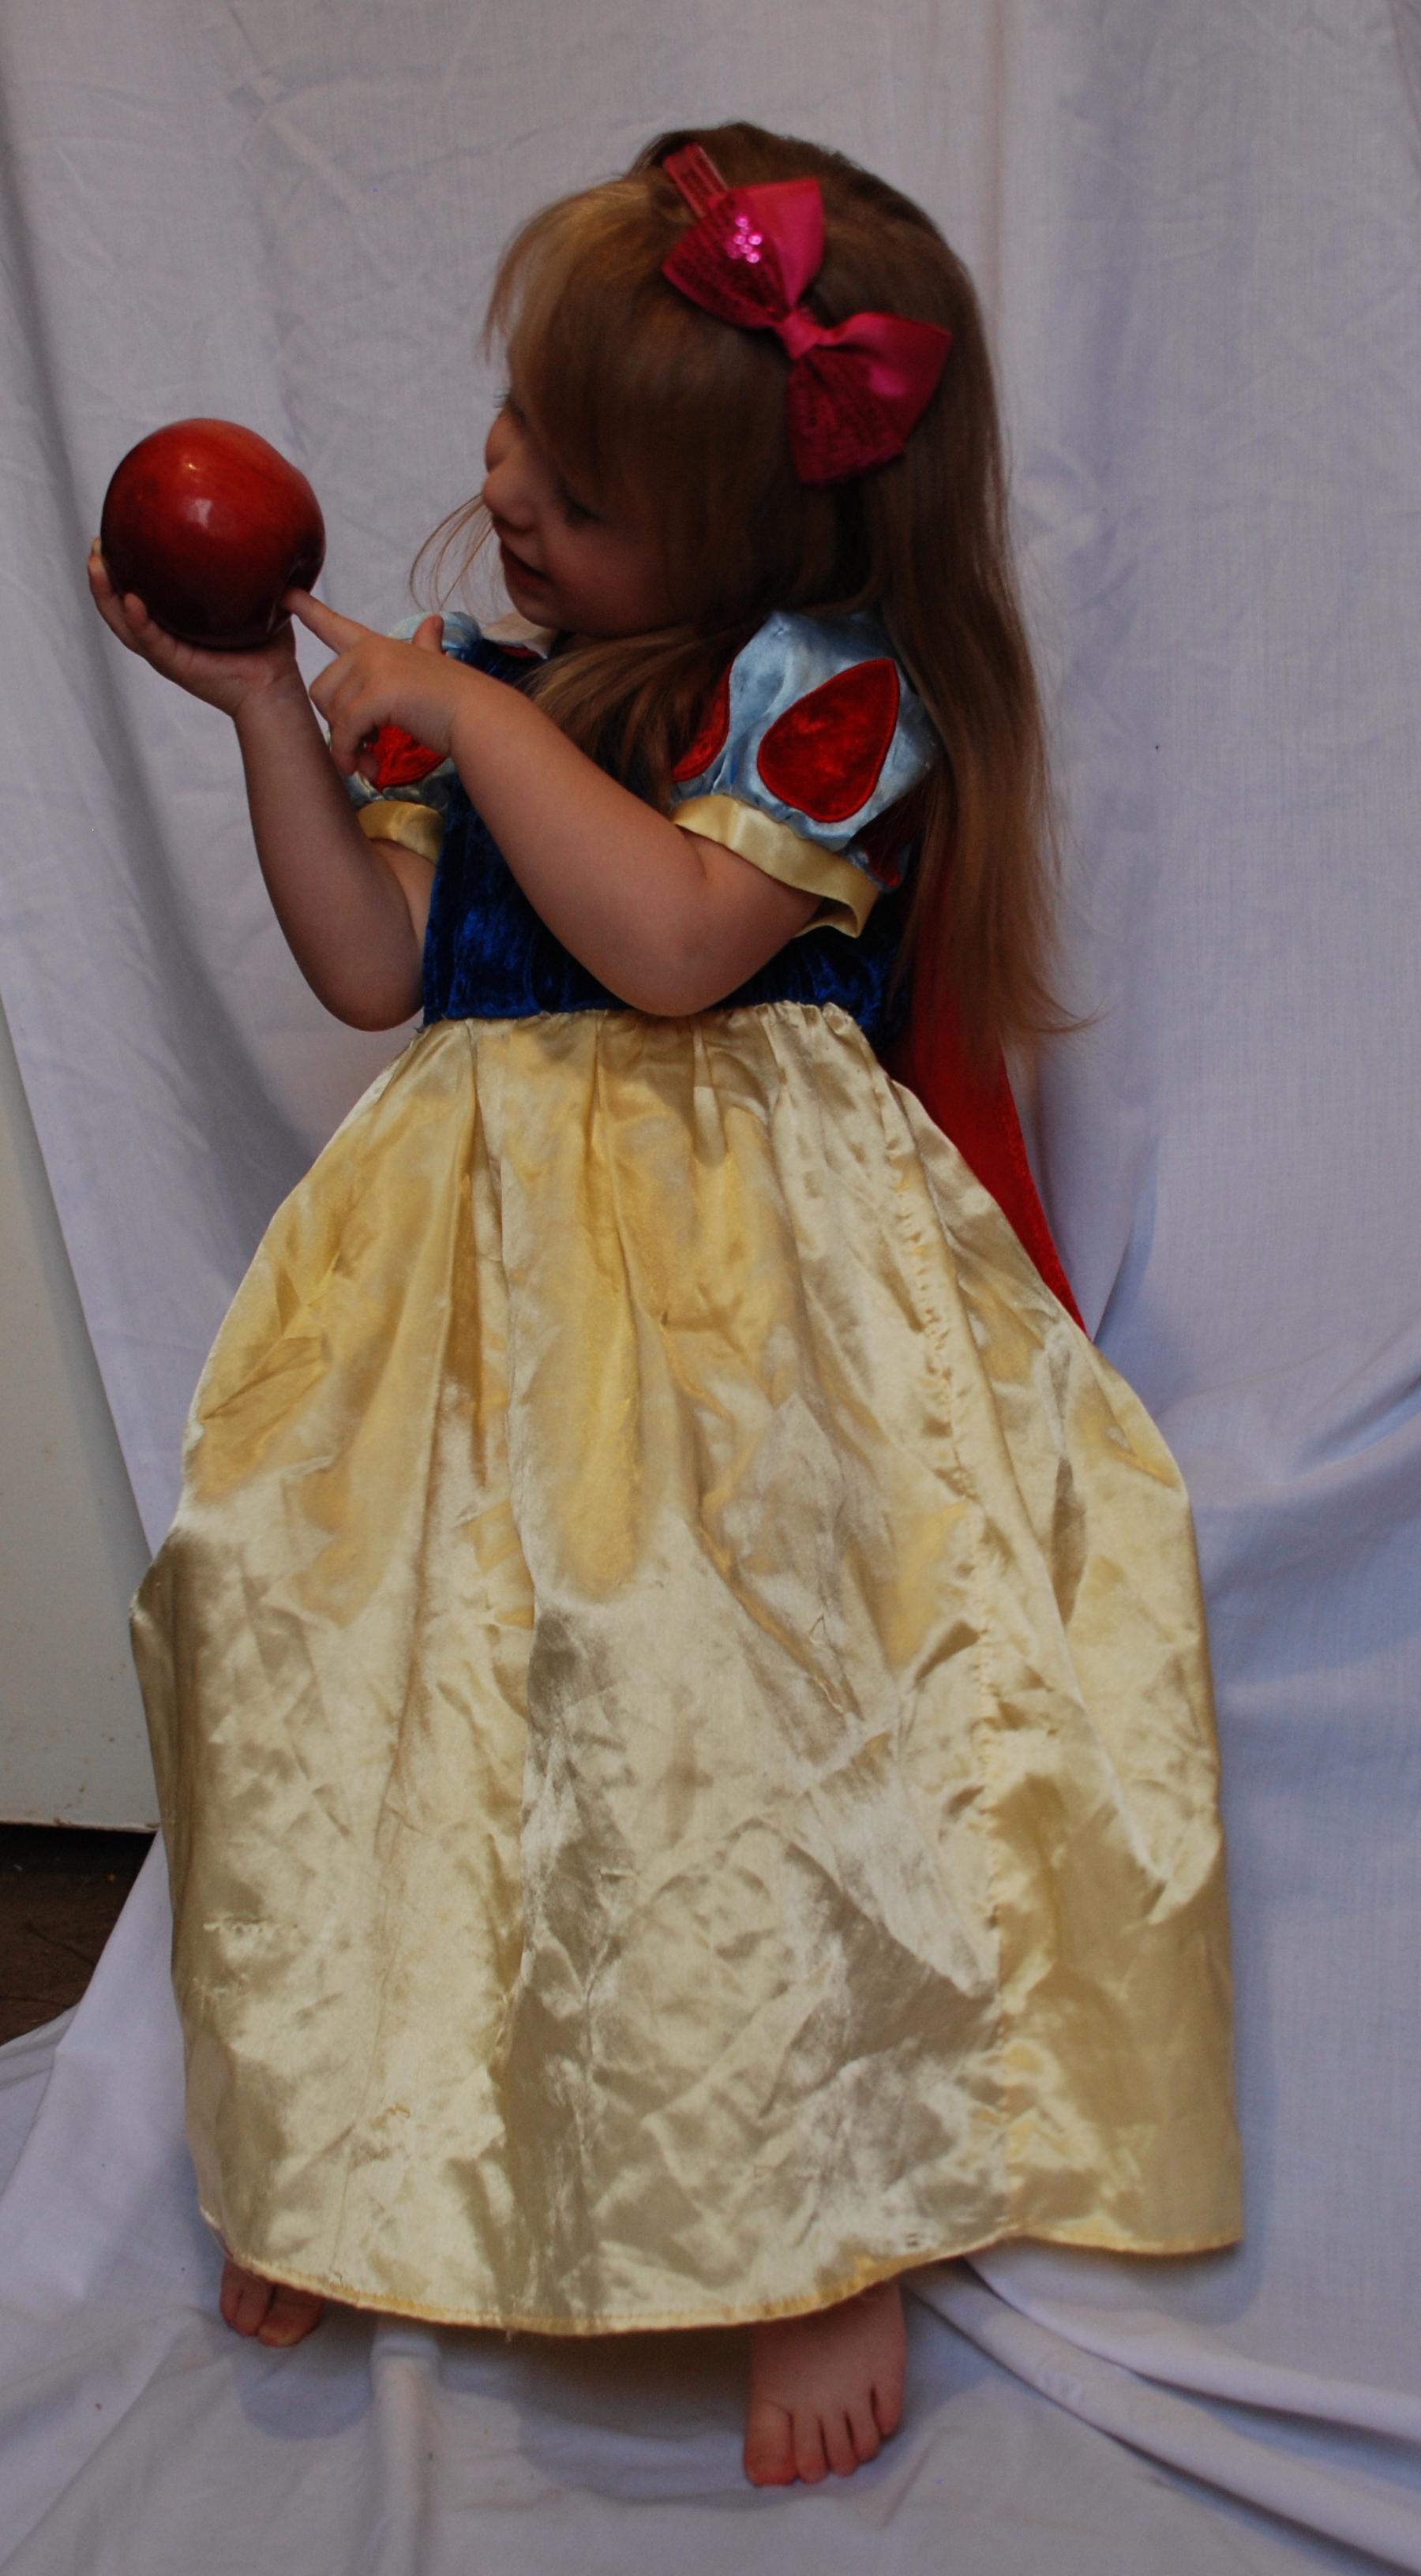 Snow White_21 by anastasiya-landa